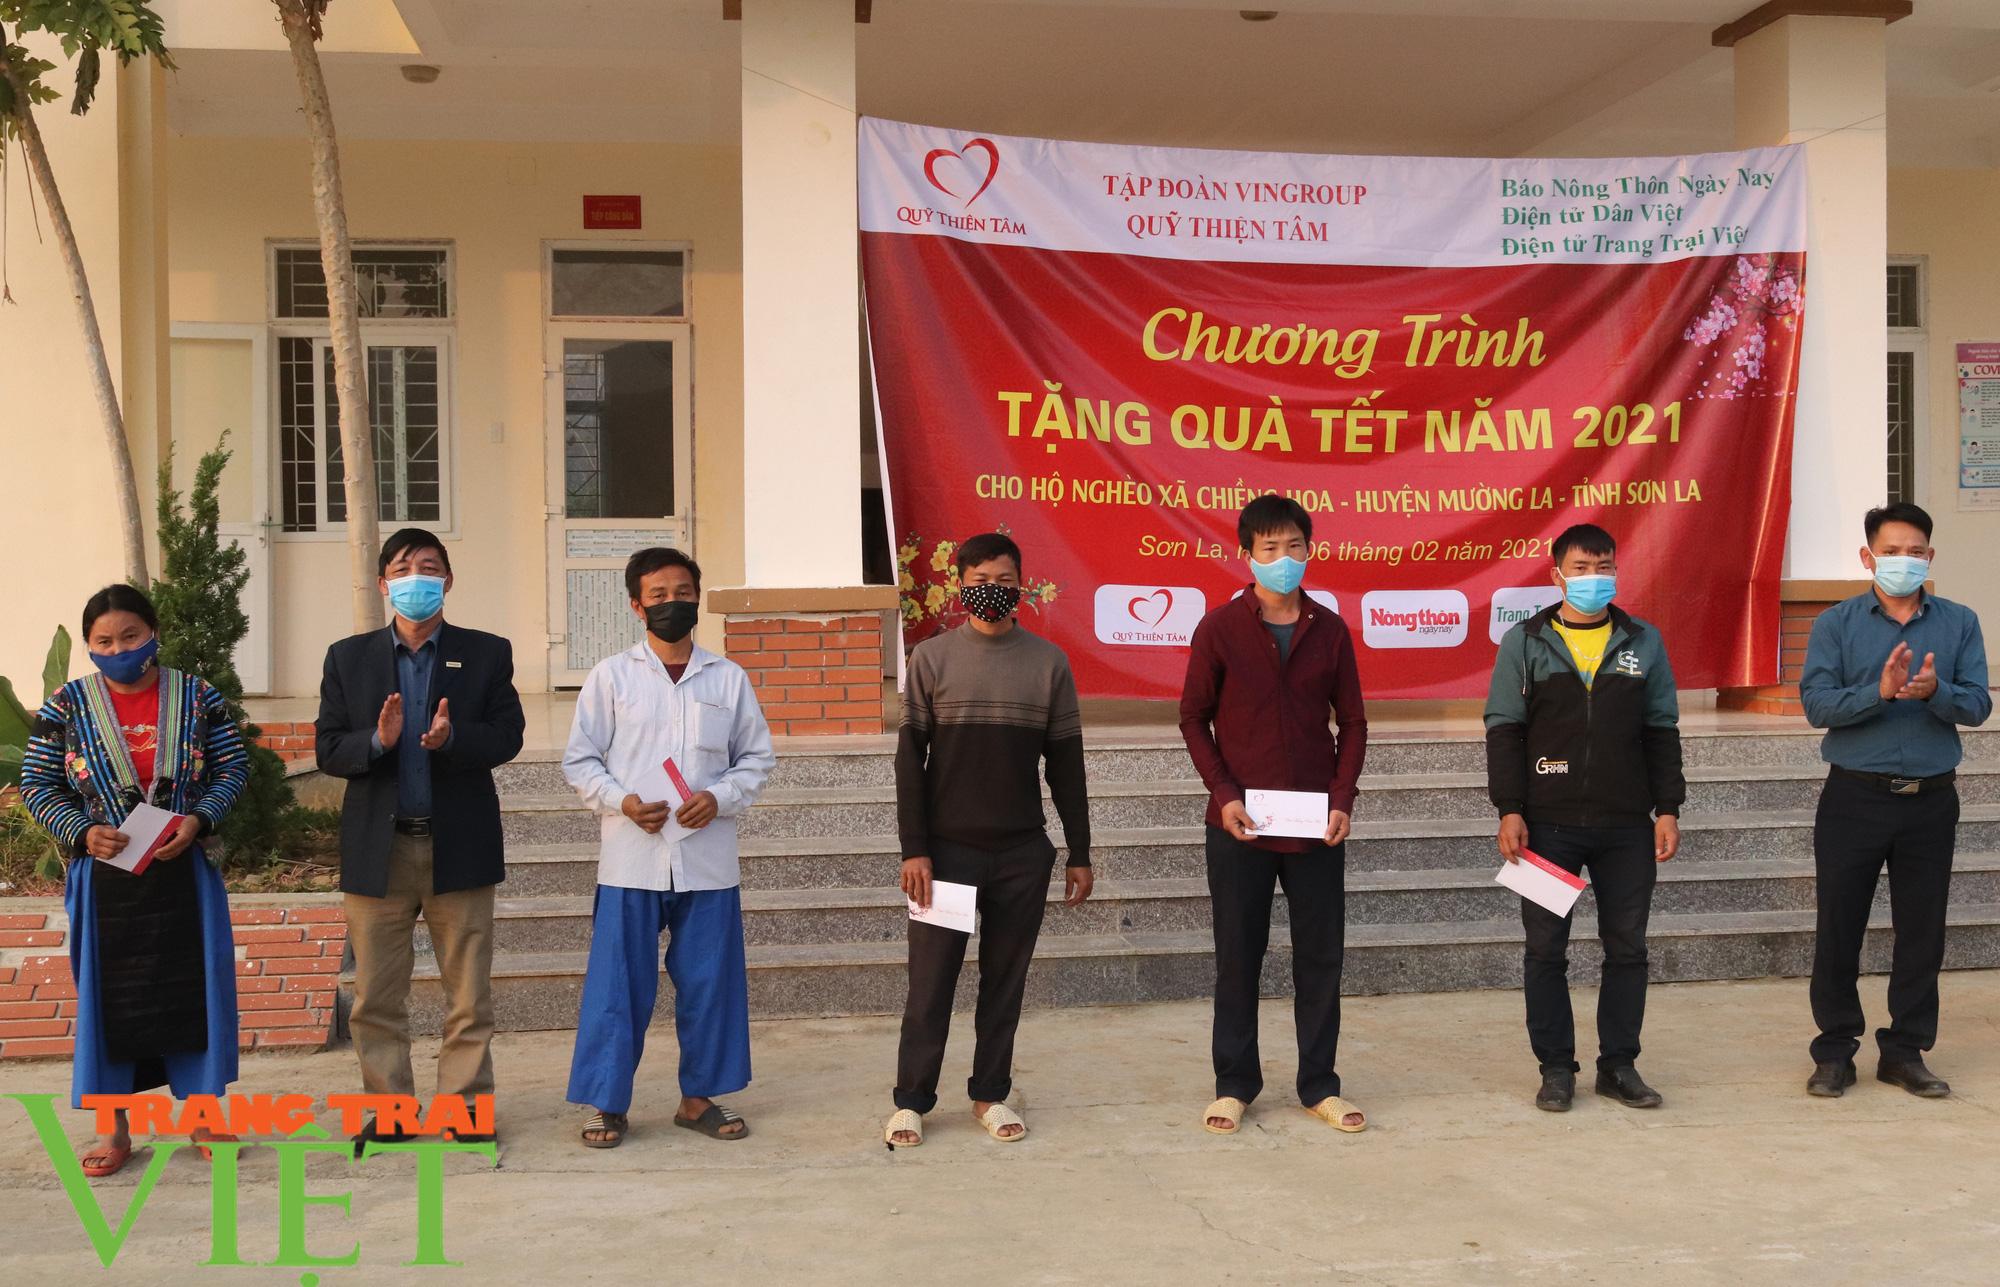 Báo NTNN/Dân Việt/Trang Trại Việt chung tay lo tết với nông dân nghèo Sơn La  - Ảnh 5.